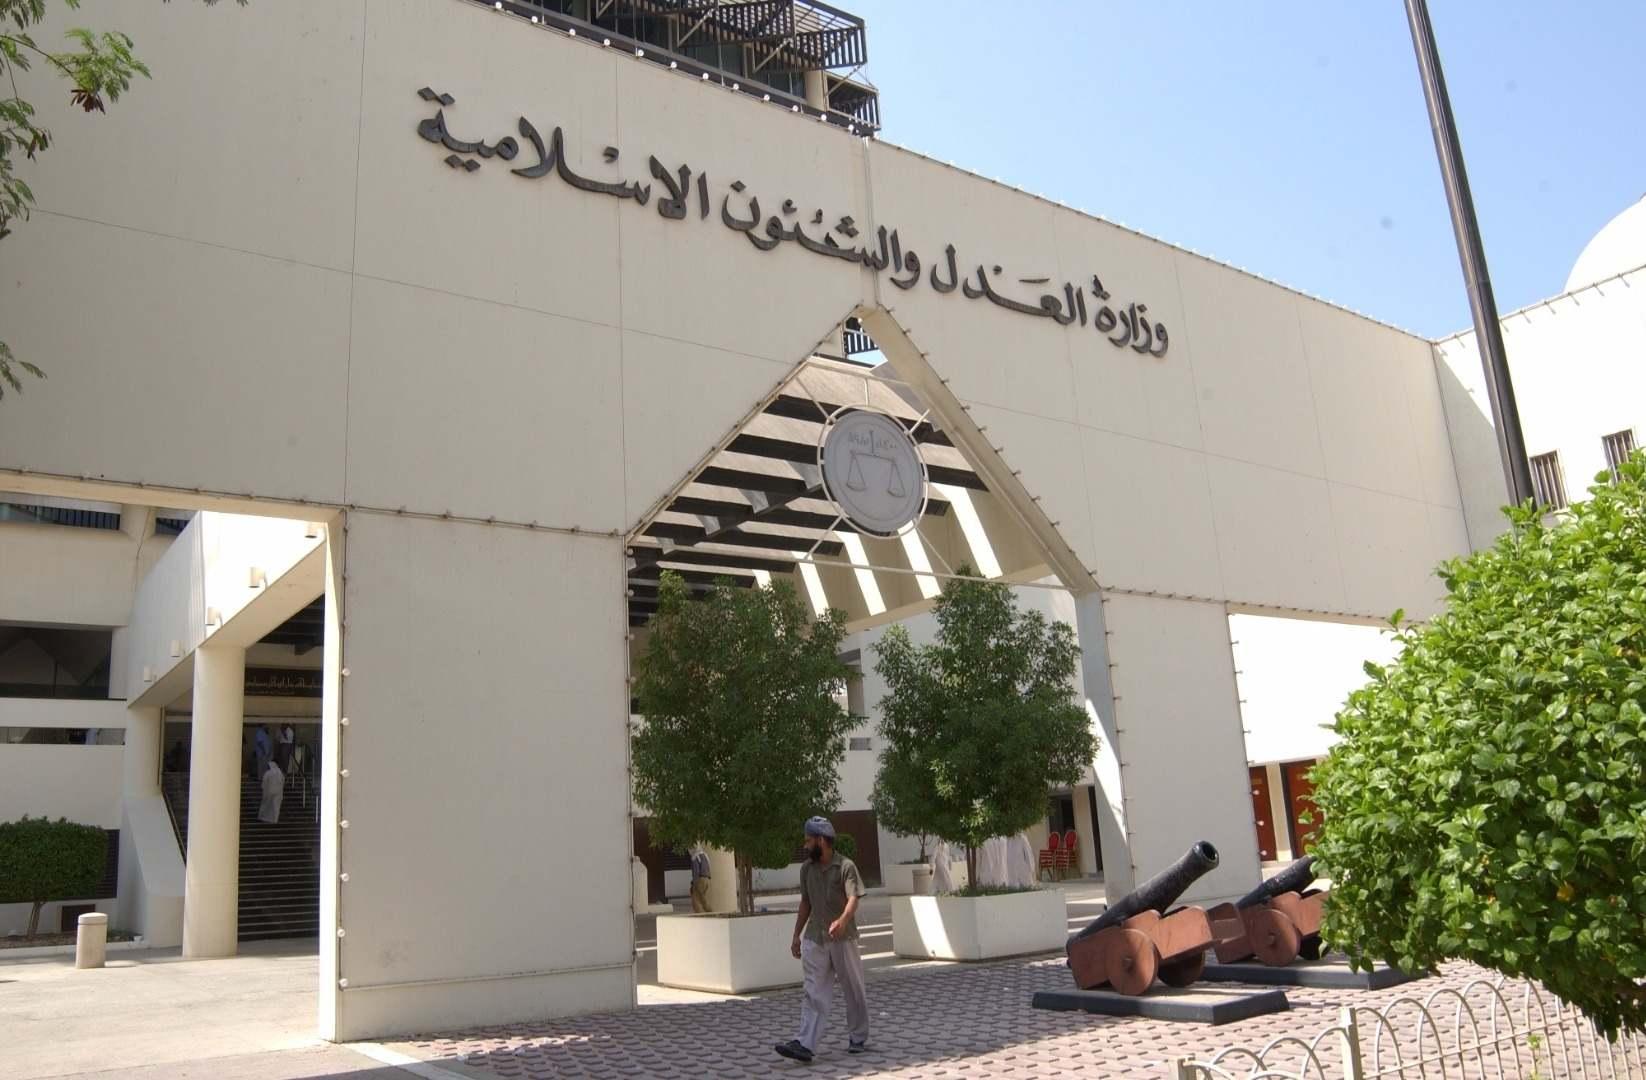 الكيان الخليفيّ يؤيّد أحكامًا بين 3 سنوات والمؤبّد لـ10 مواطنين بتهمة الانتماء لائتلاف 14 فبراير